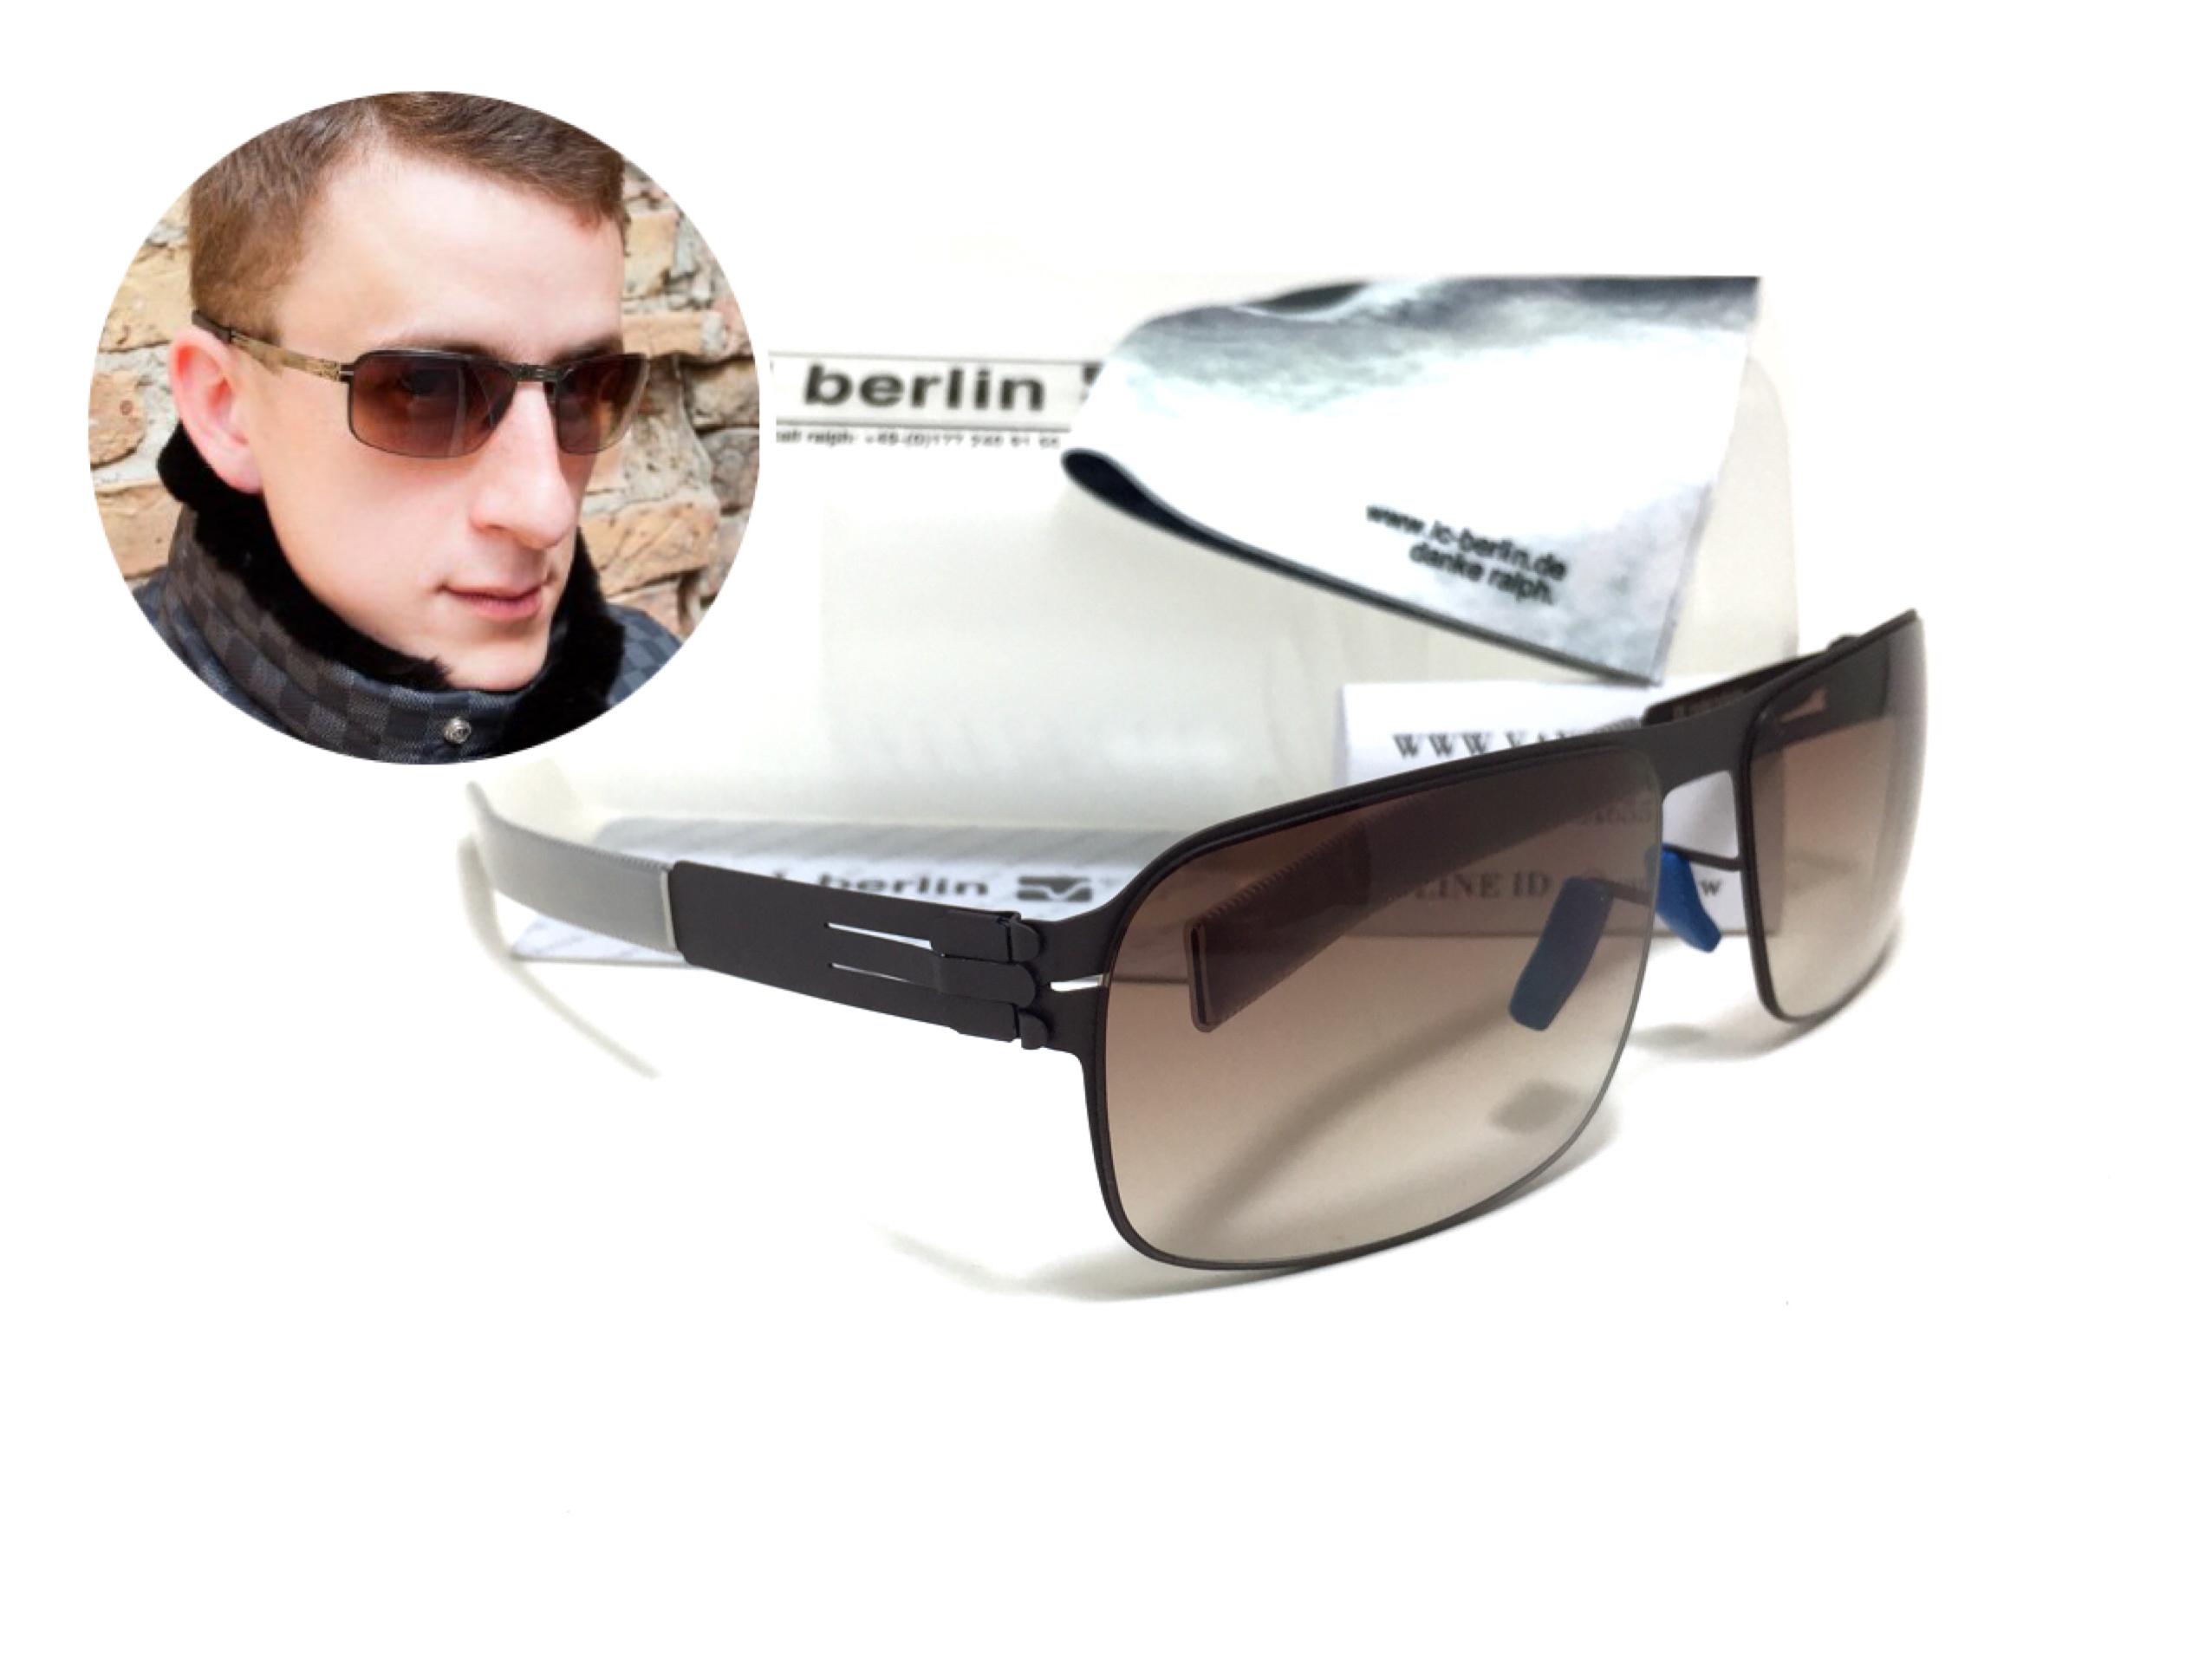 แว่นกันแดด ic berlin model nufenen aubergine 61-16 <น้ำตาล>